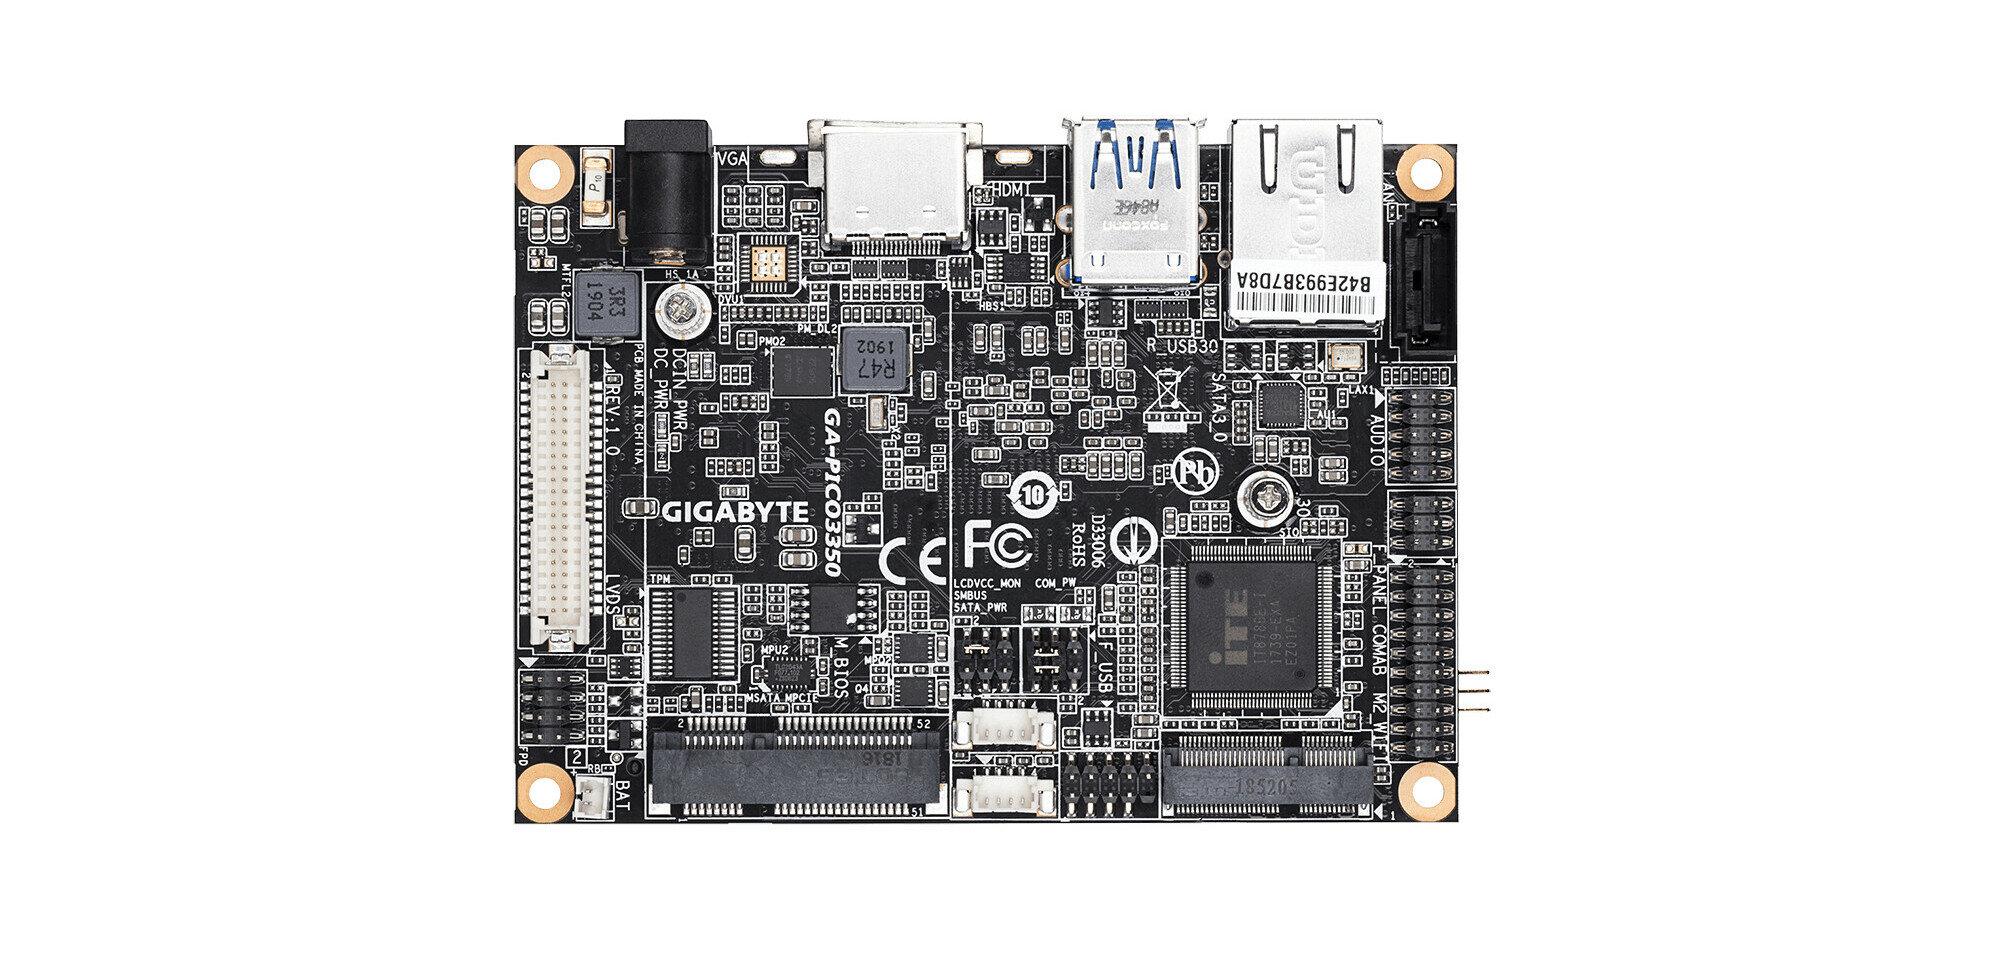 Gigabyte GA-PICO3350 : une carte mère Pico ITX intégrant un processeur Apollo Lake d'Intel #IH